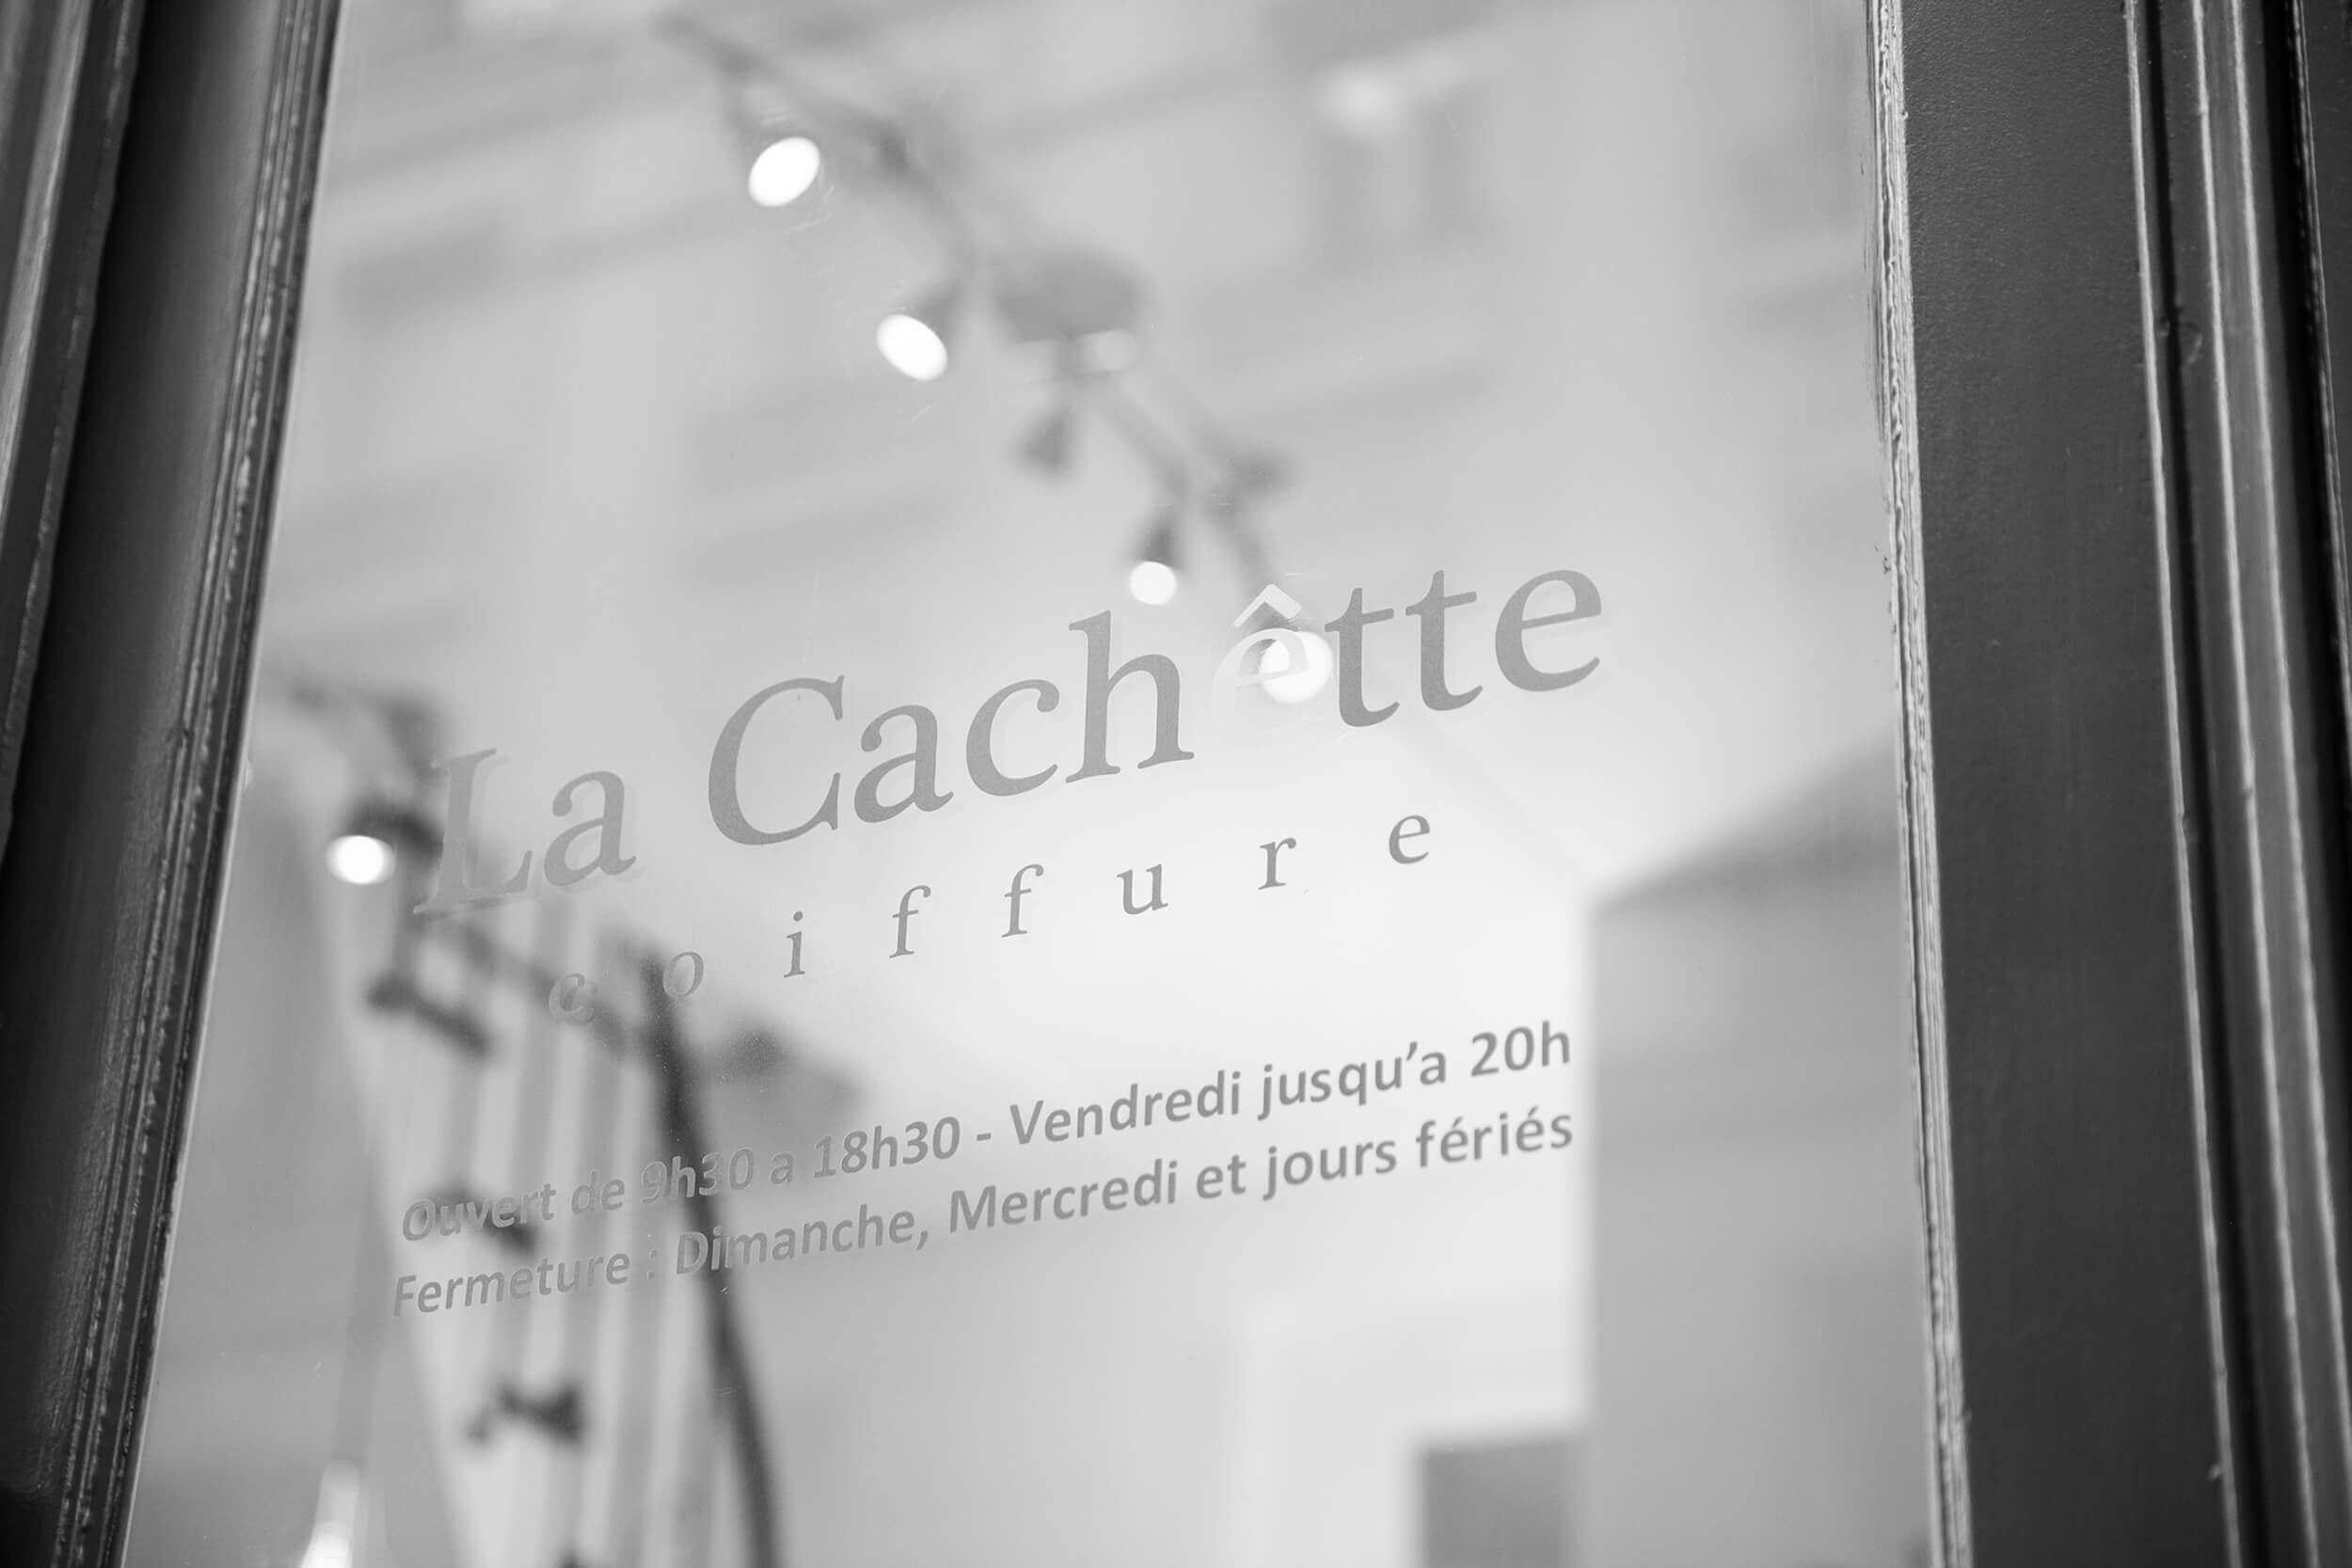 La Cachêtte : Home